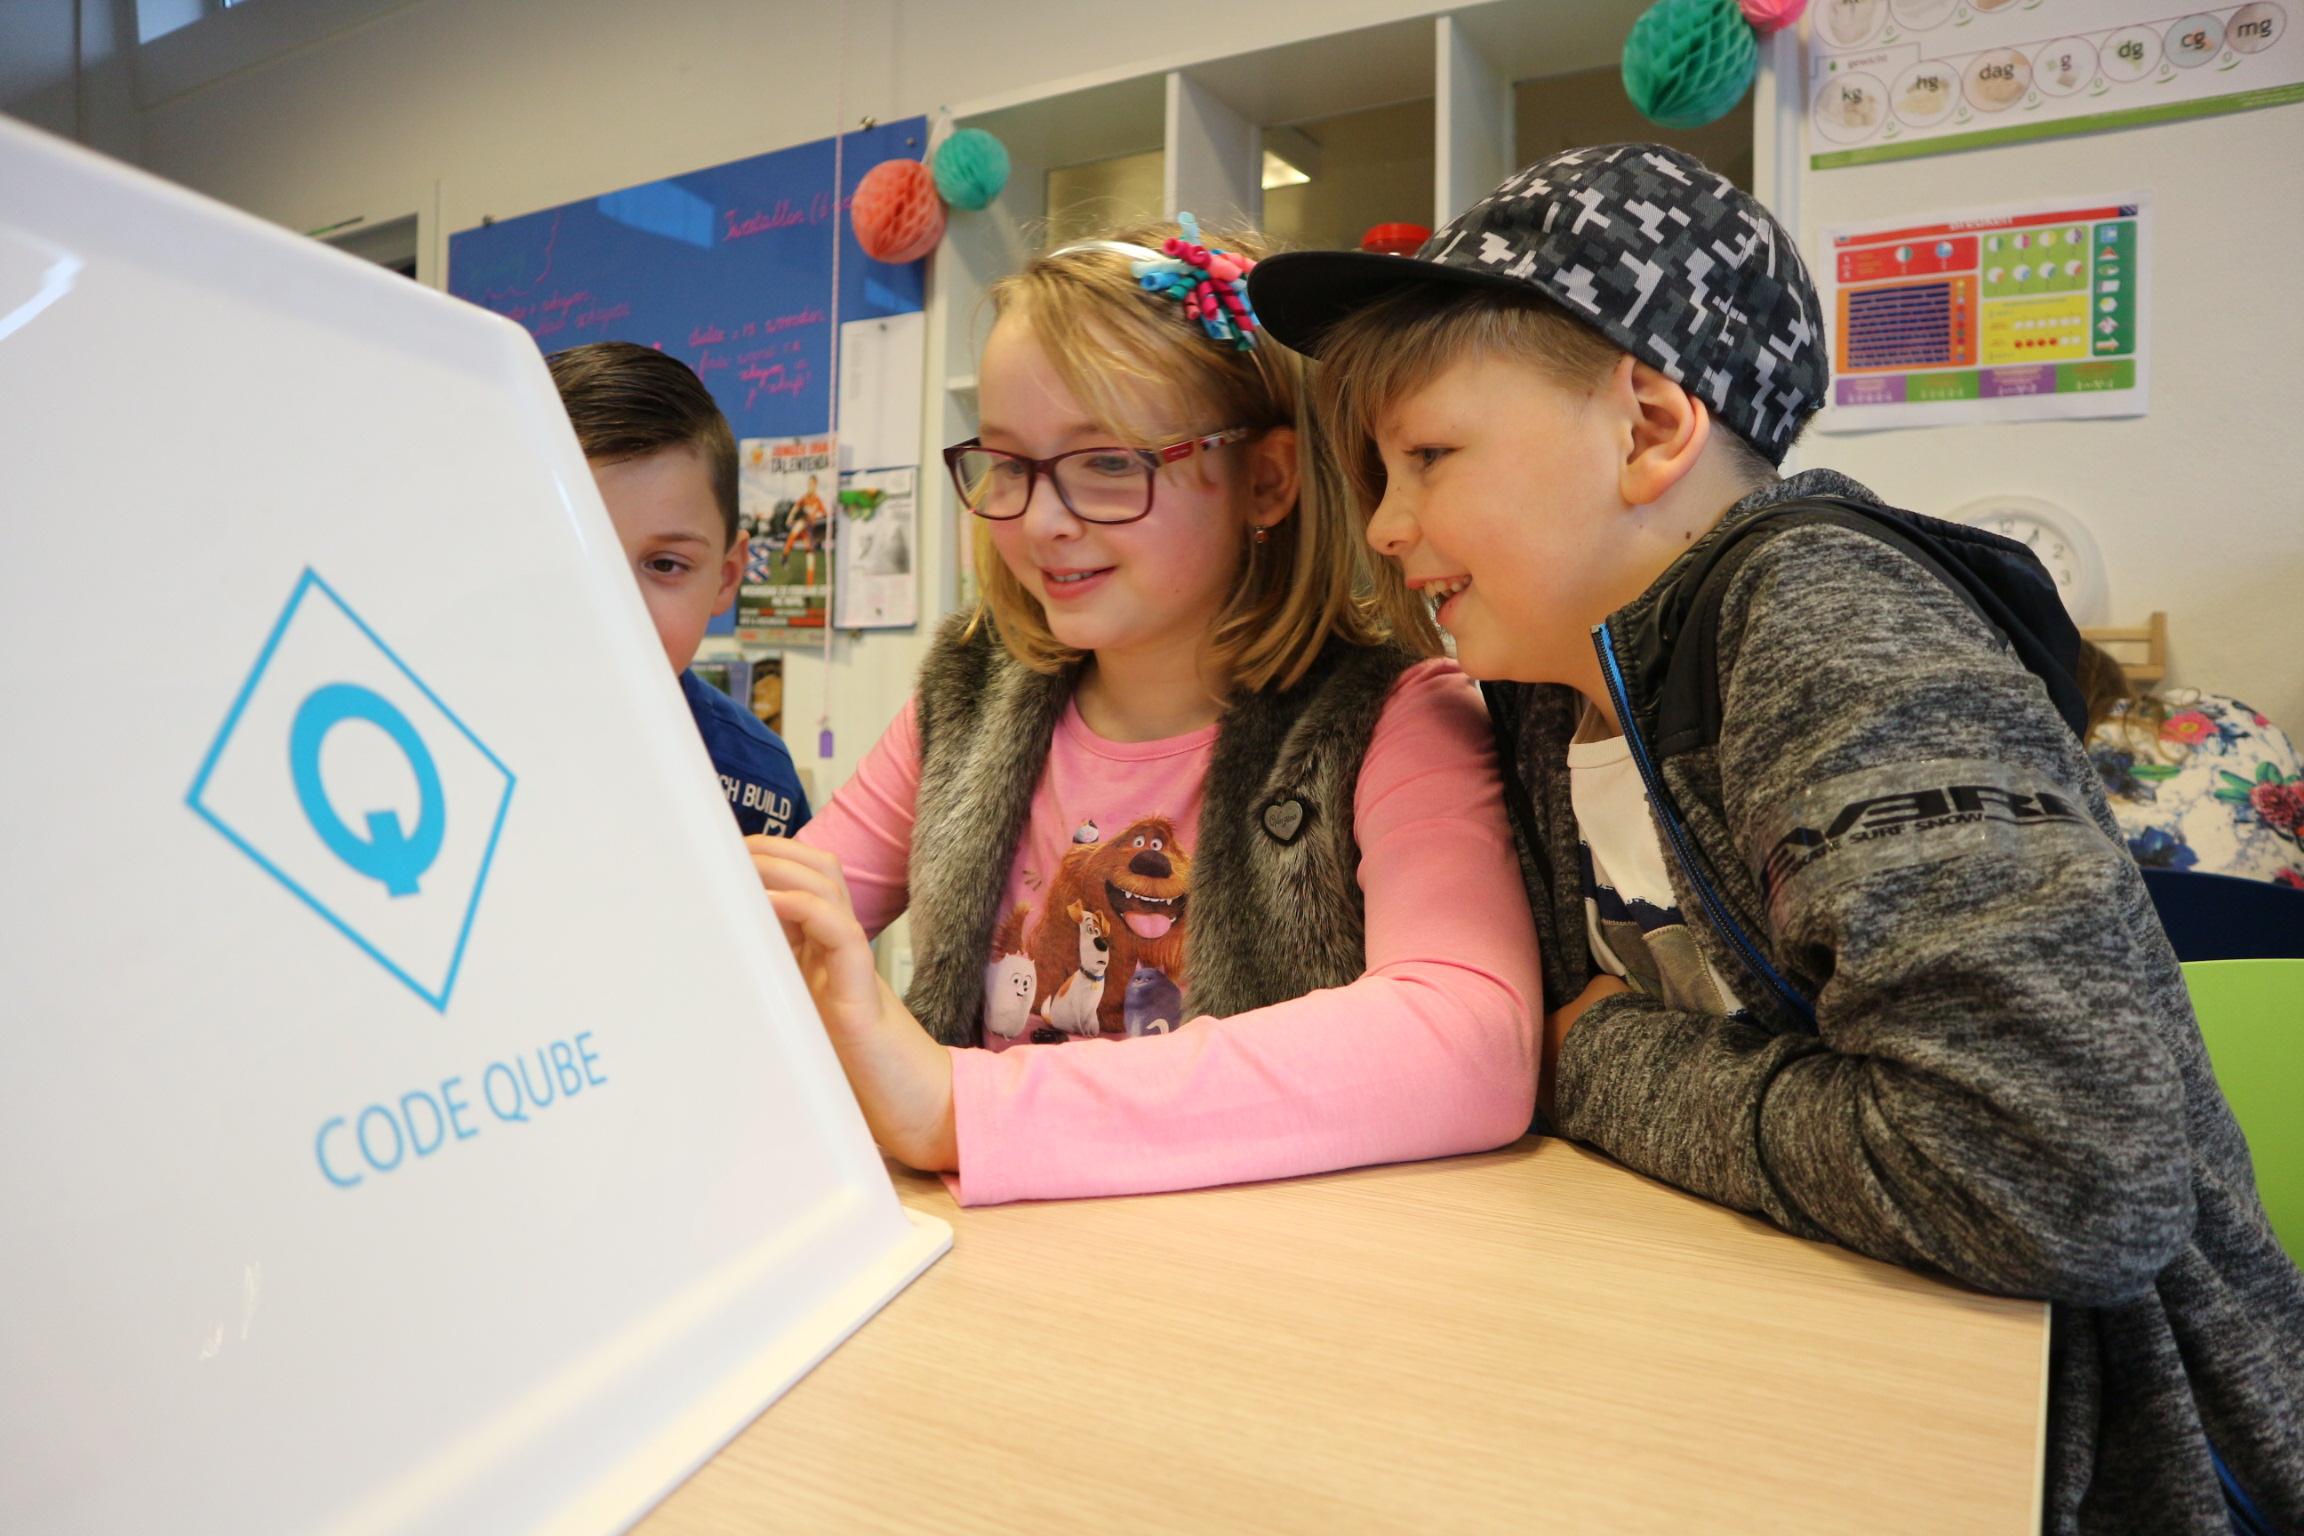 REVIEW: Kinderen bouwen hun eigen website met Code Qube